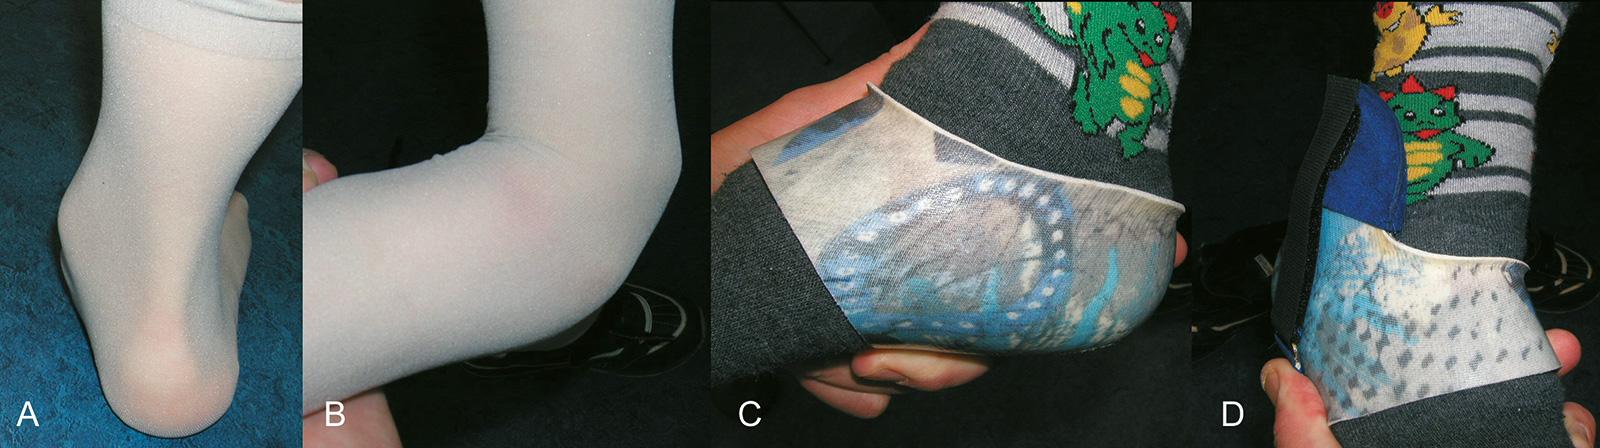 Abb. 4-58: Versorgung eines schweren Knicksenkfußes (A-B) mit einer Talusringorthese (C-D). Diese stützt sich durch eine Lasche lateral an der distalen Fibula (D) ab